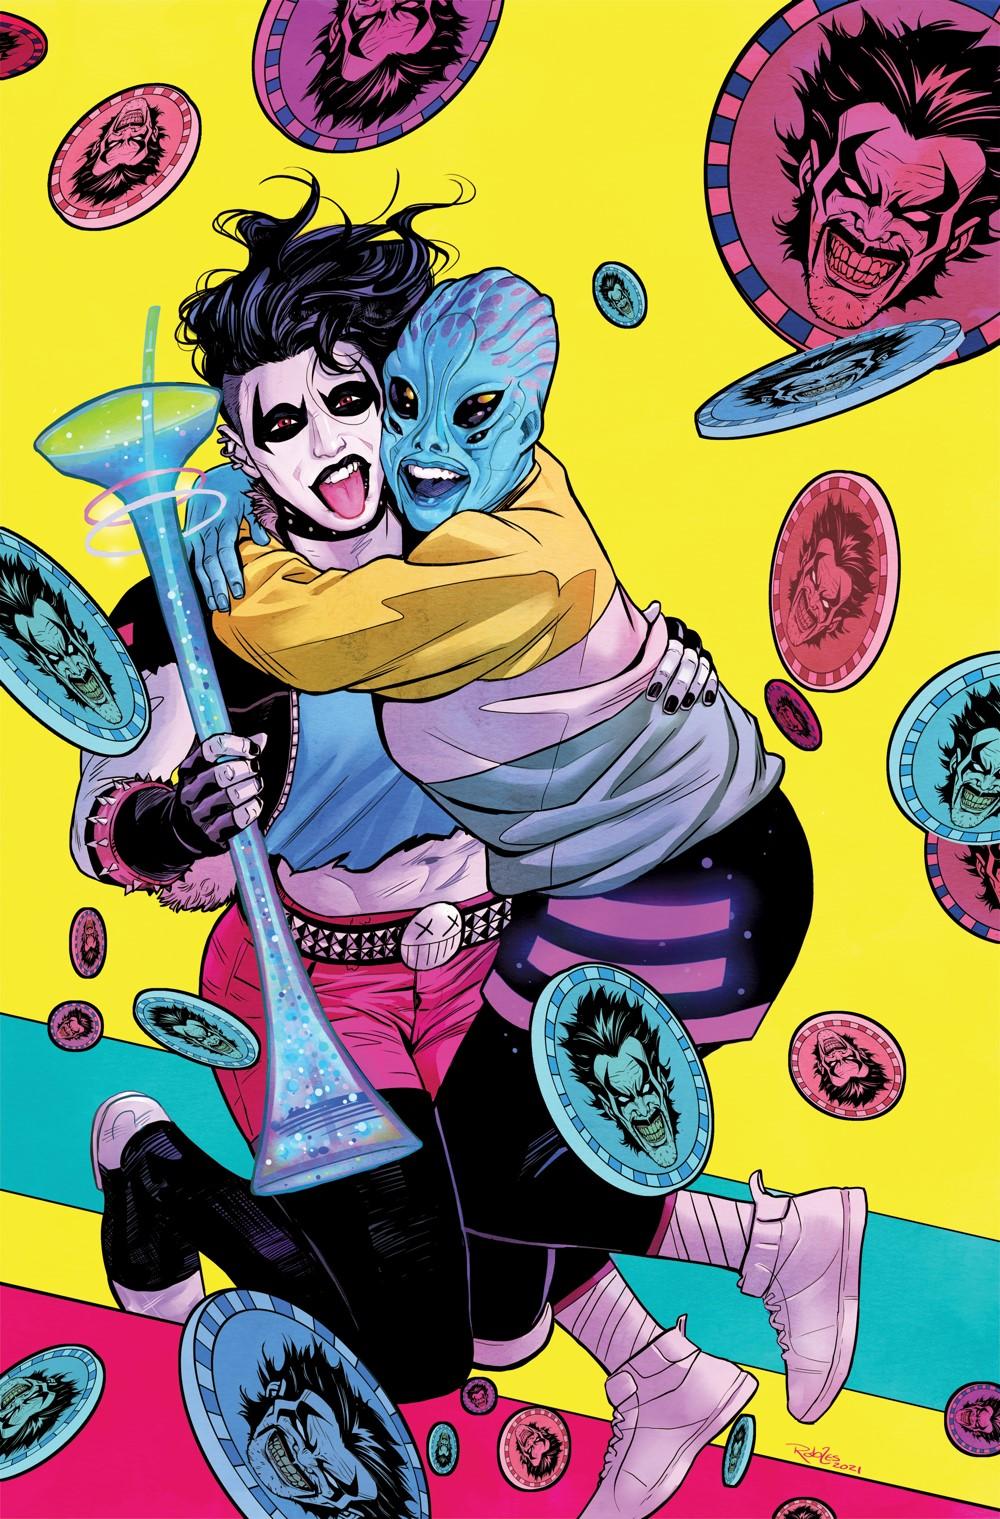 Crush_and_Lobo_Cv6_NickRobles DC Comics November 2021 Solicitations